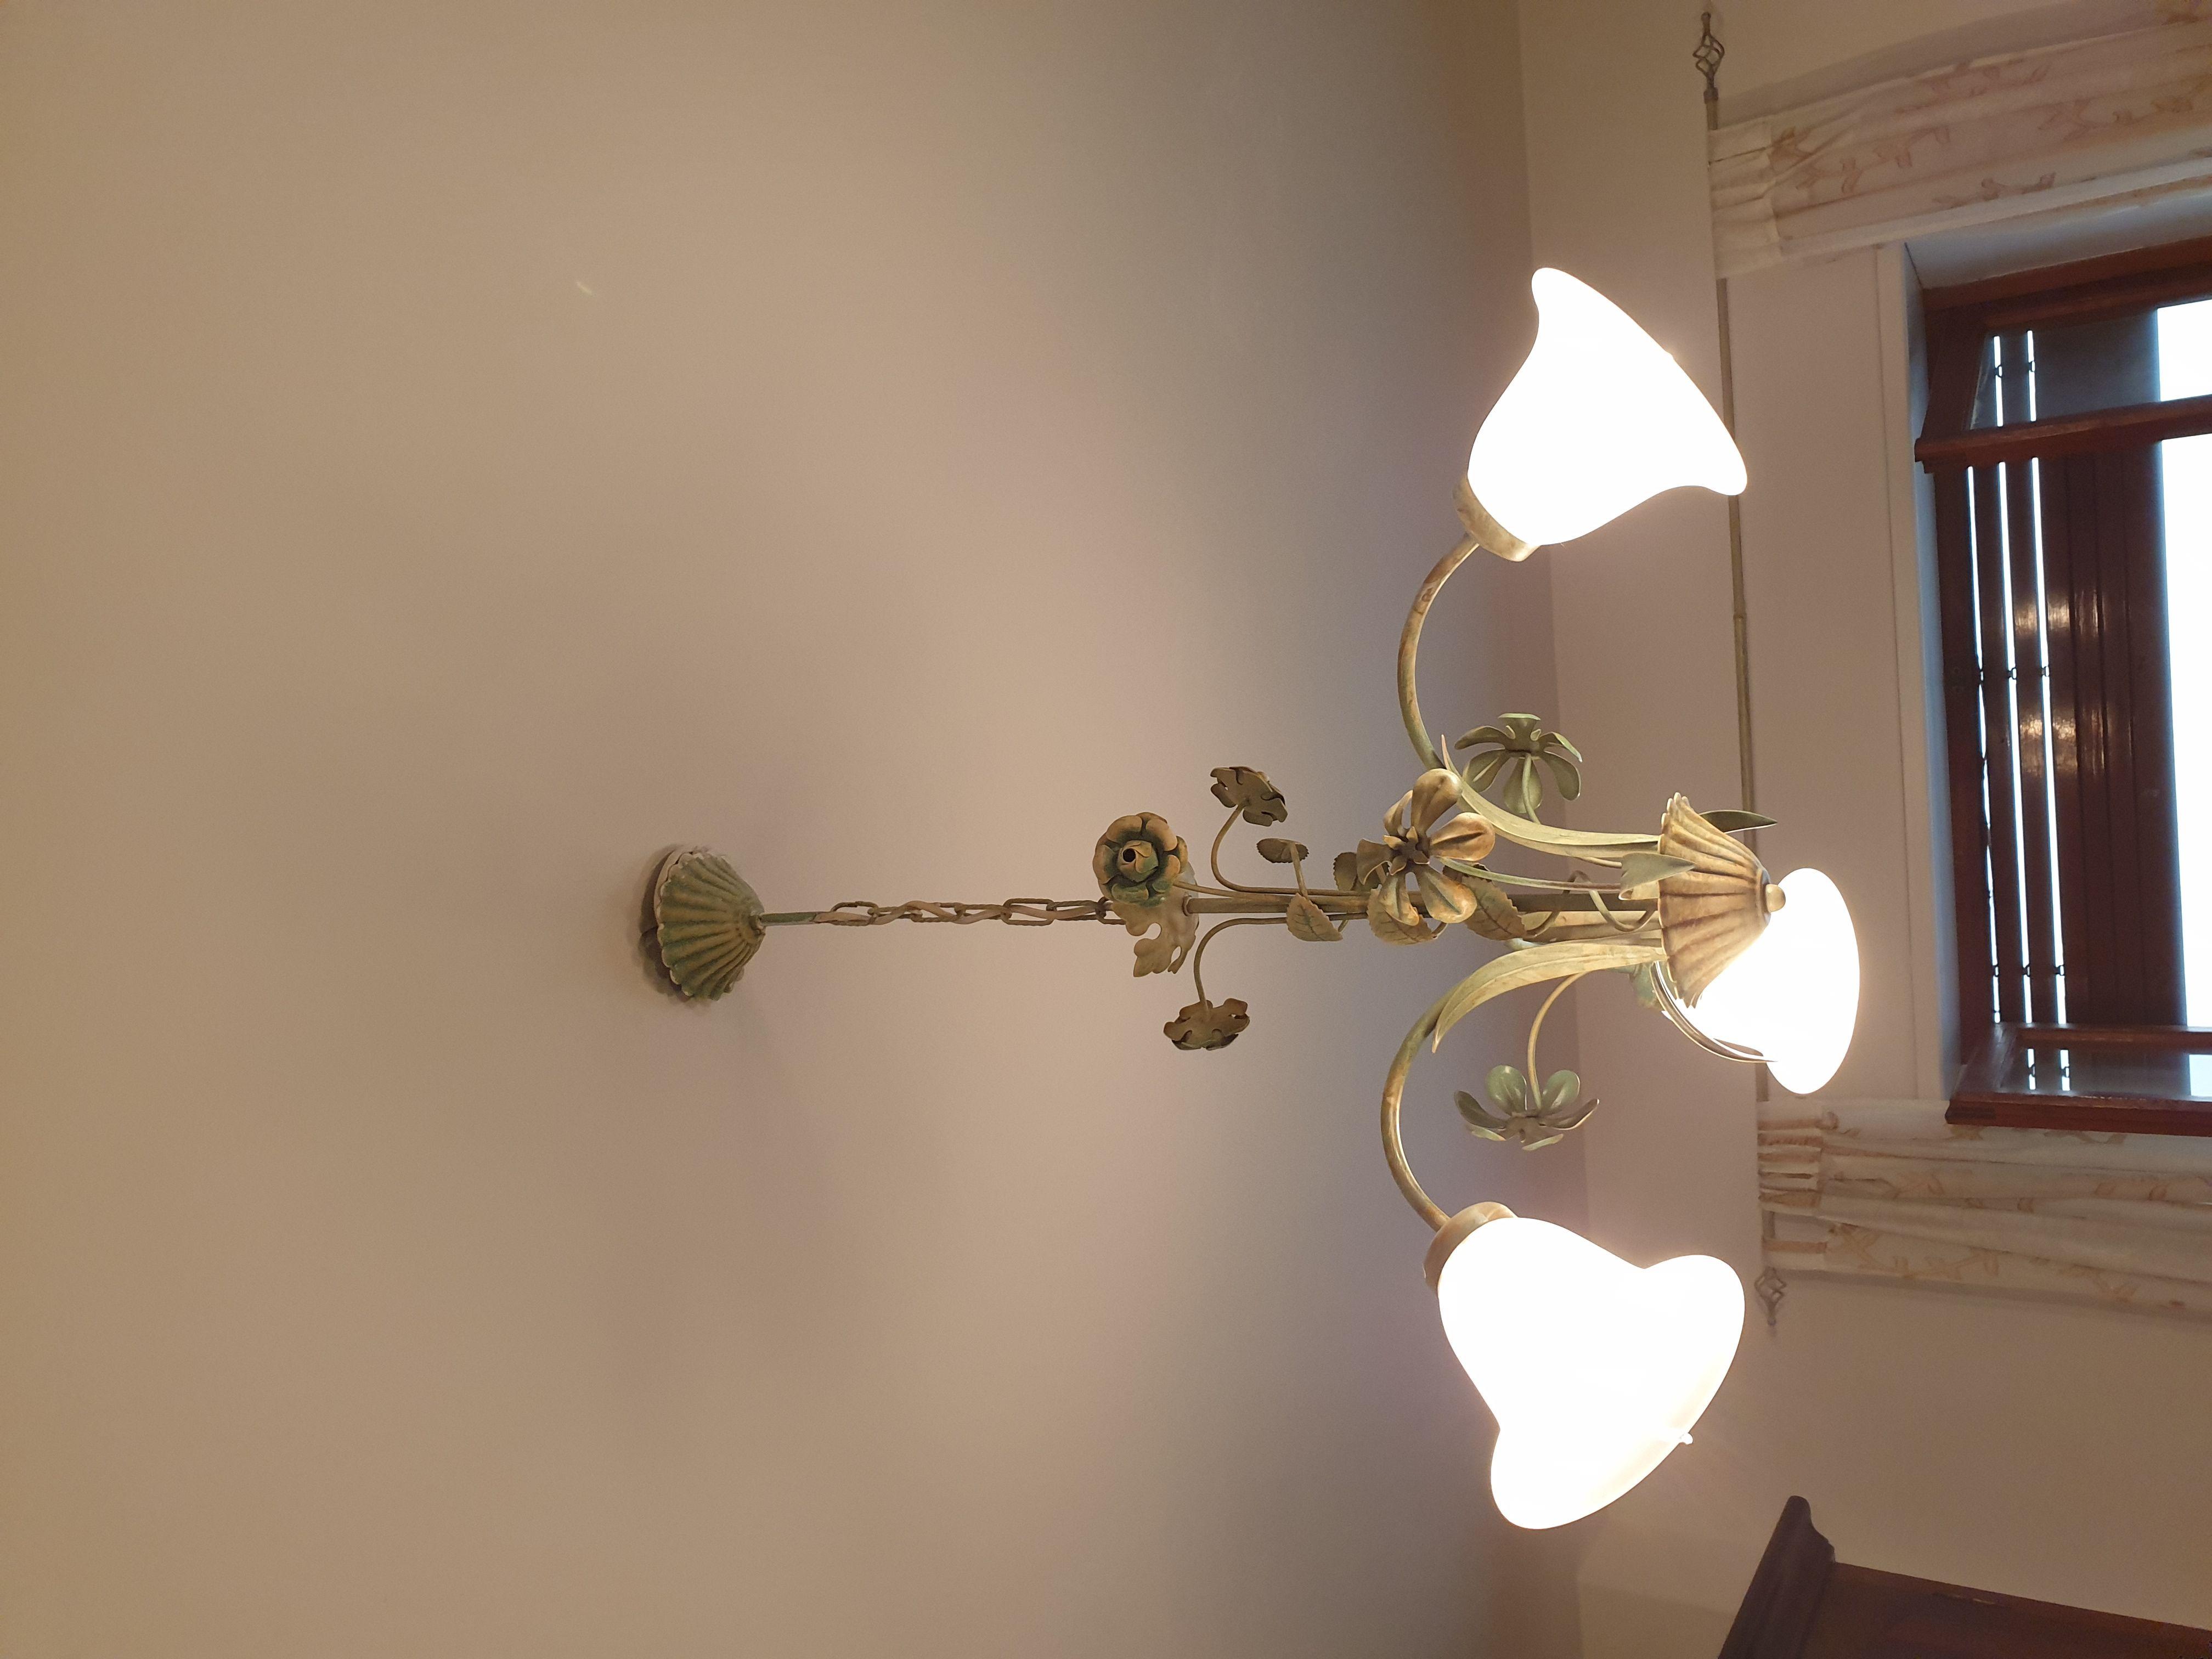 Lampadario Lampade Piantana